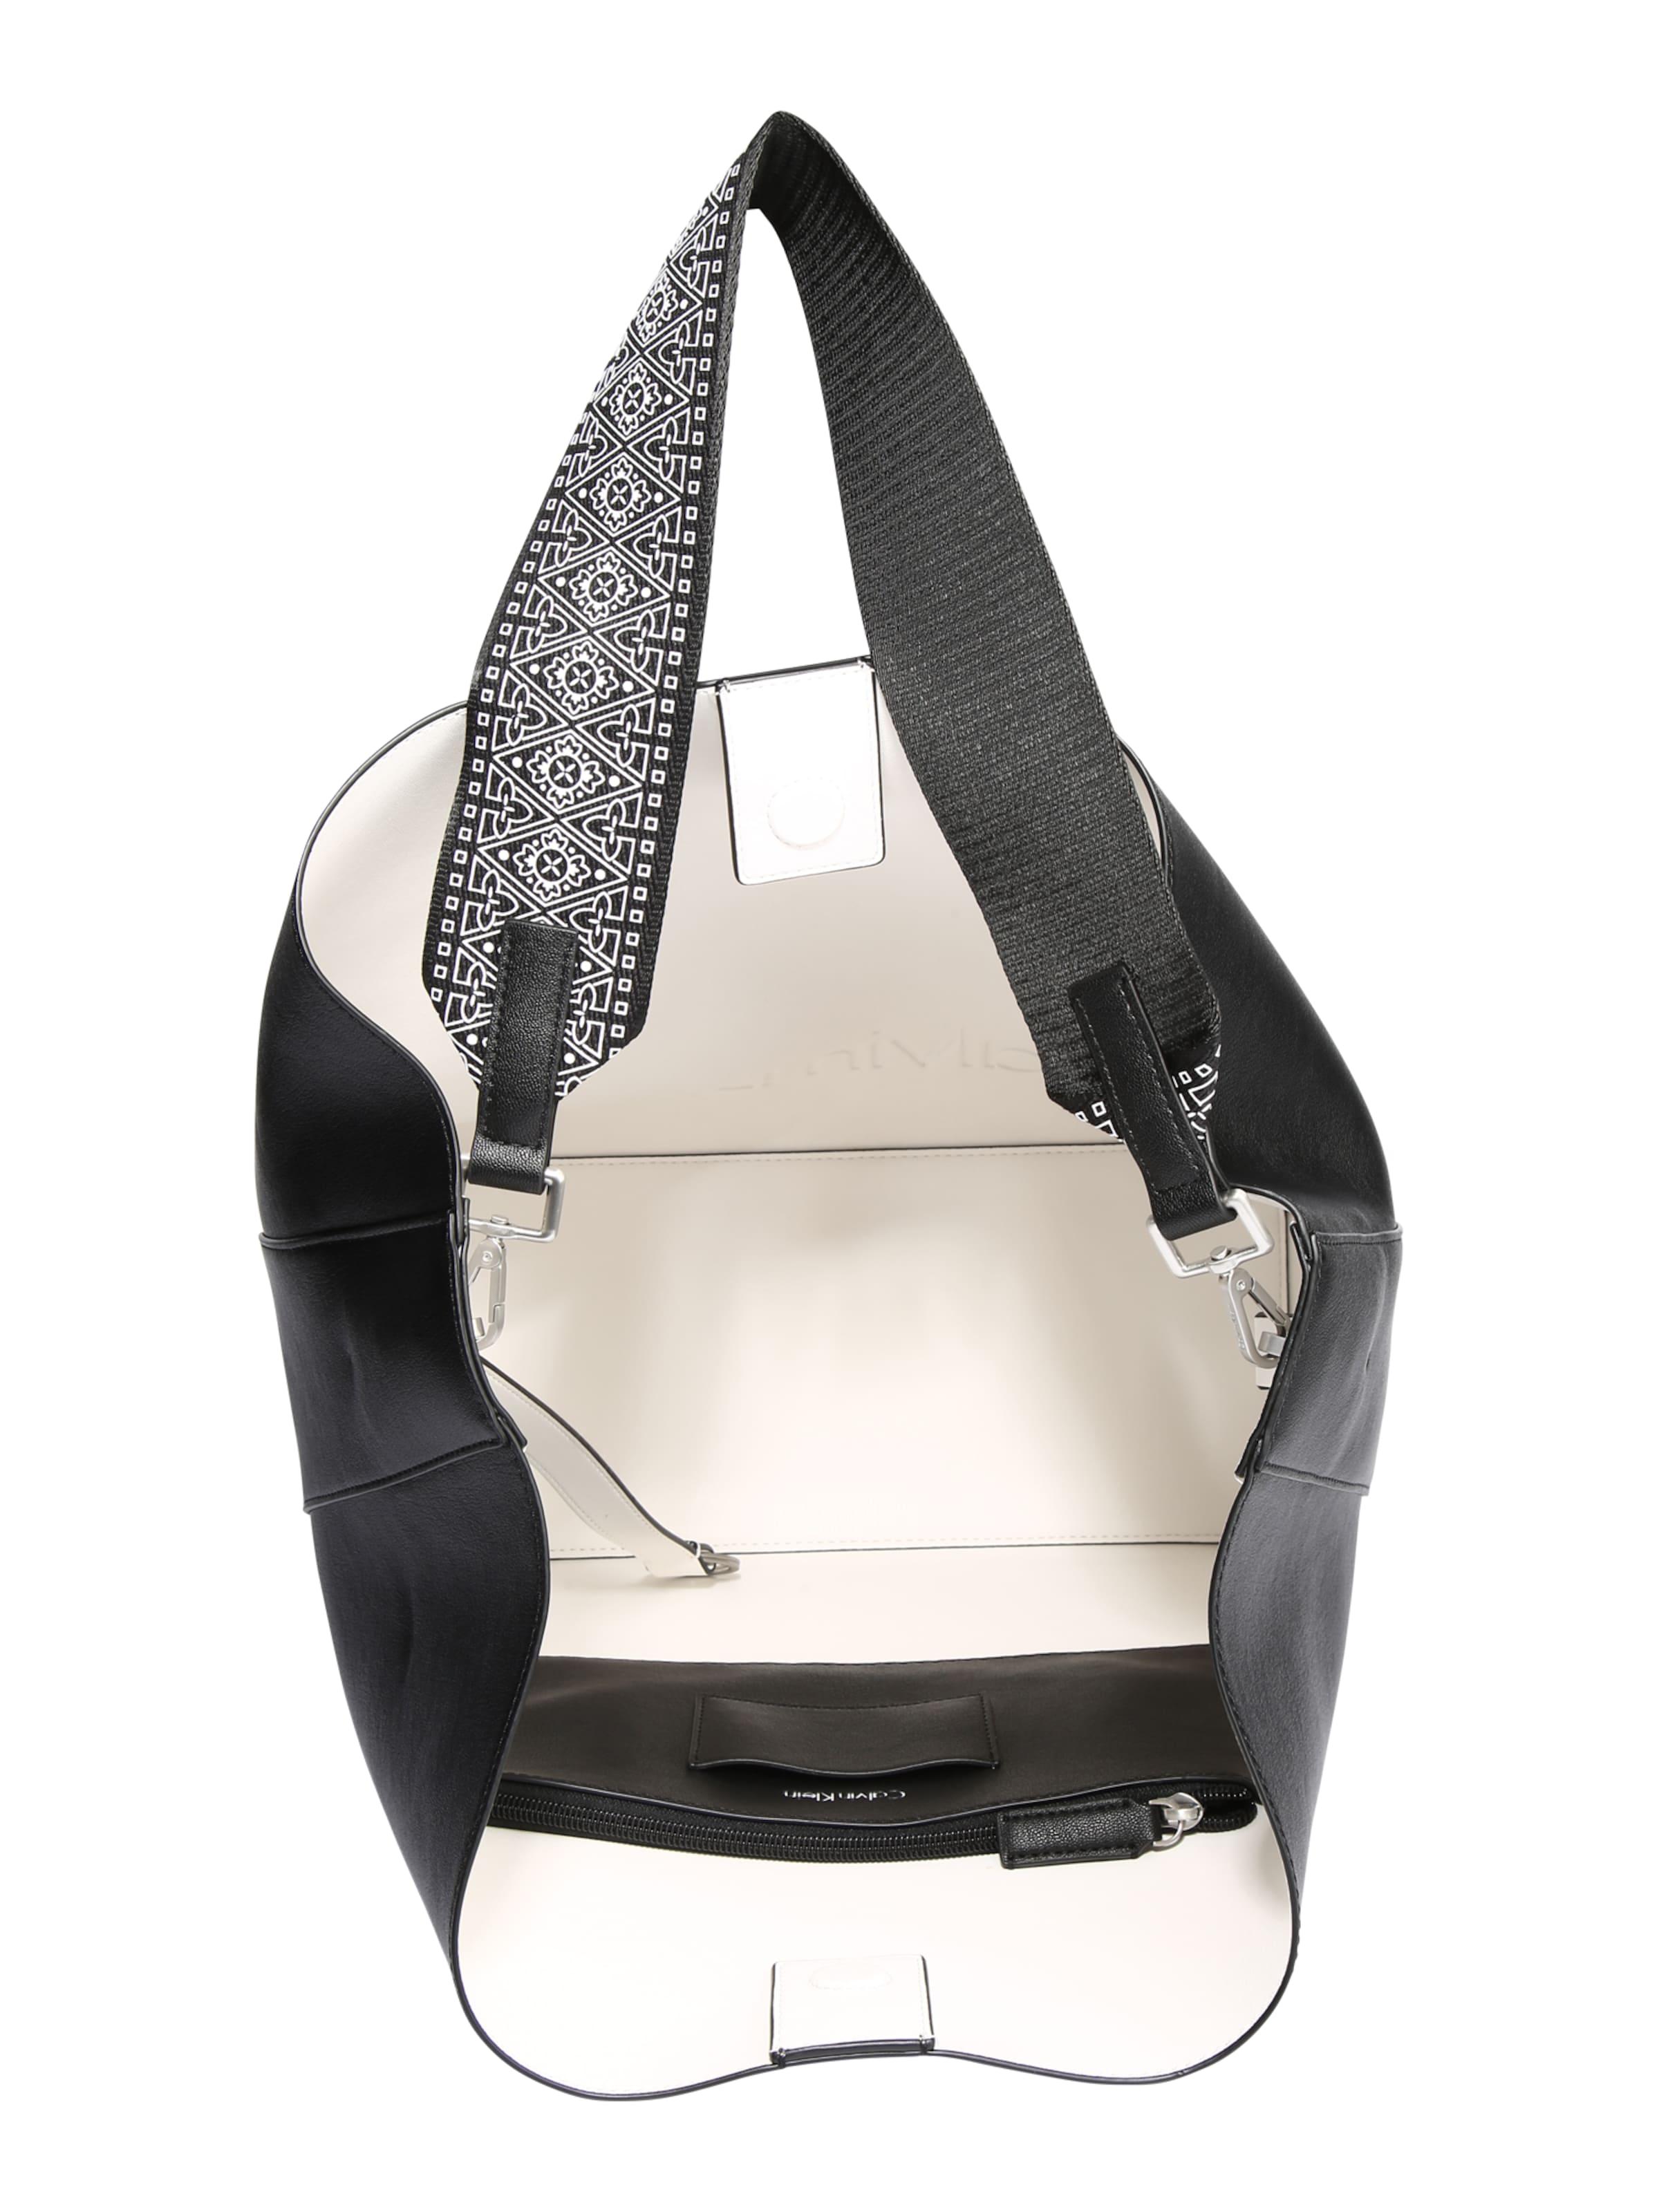 Klein Calvin Hobo Klein Bag Bag Calvin Klein Calvin 'EDGE' Hobo Bag Hobo 'EDGE' 'EDGE' w5IEPI